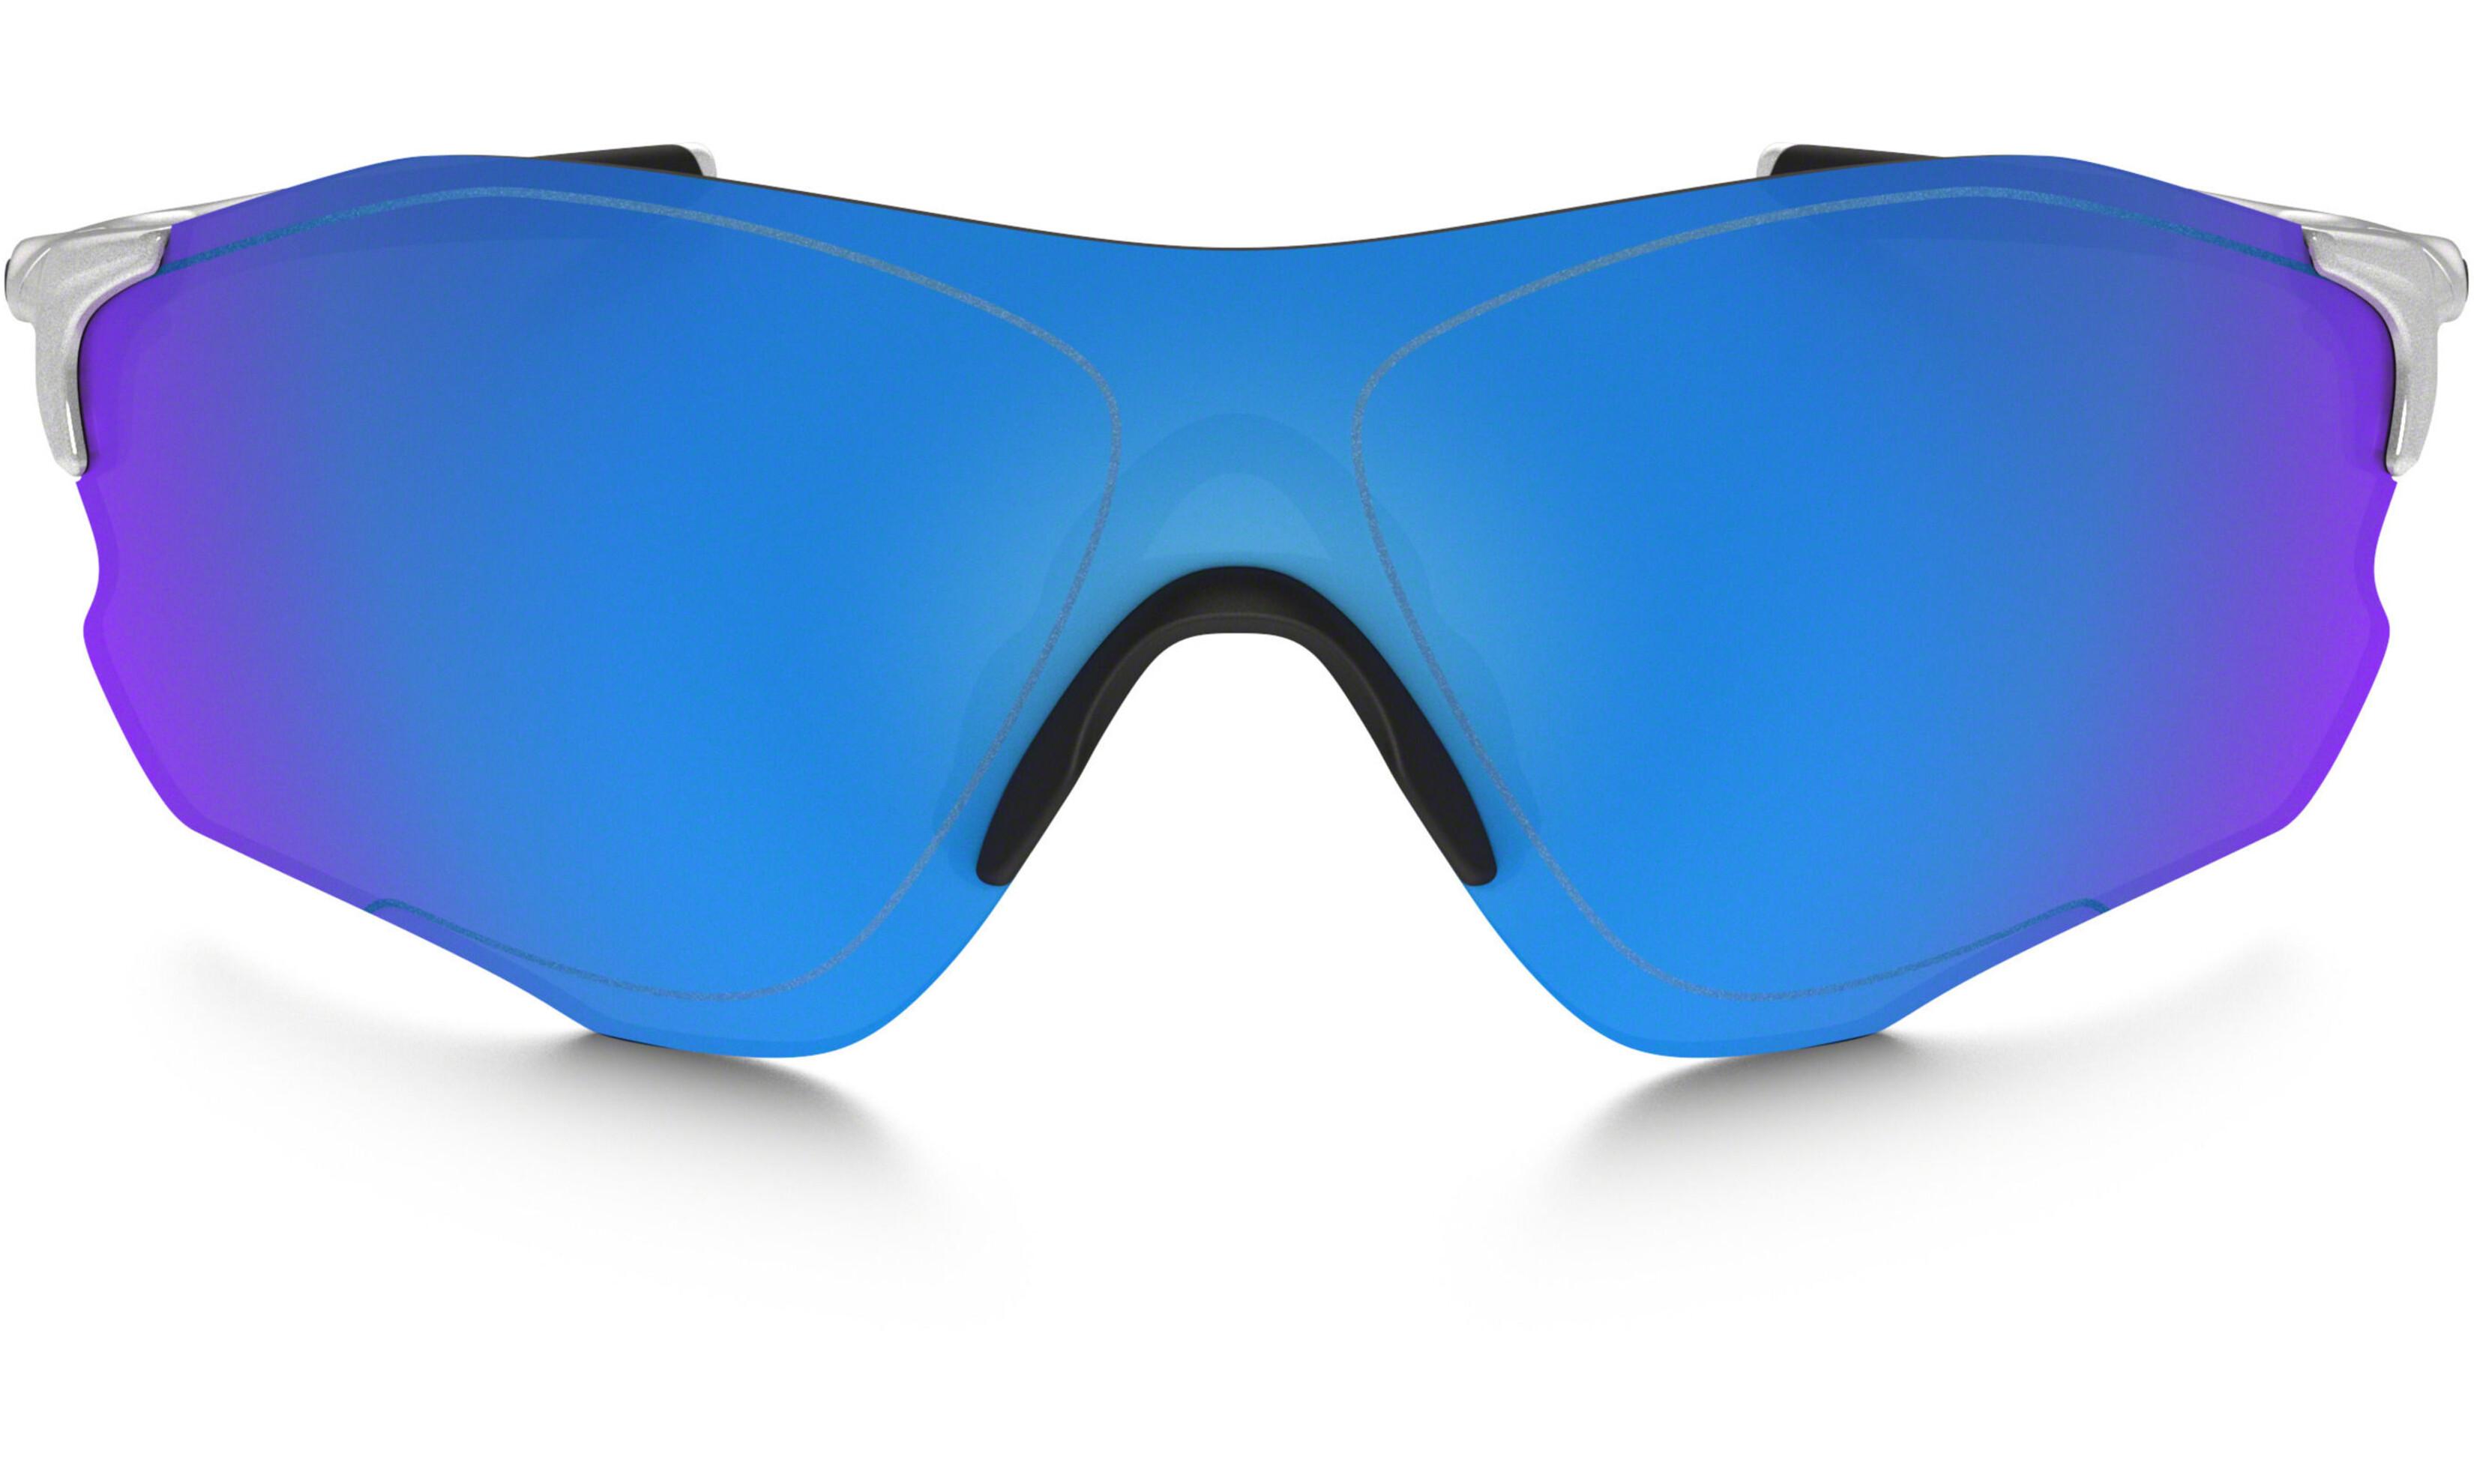 609a44a1881753 Oakley Evzero Path - Lunettes cyclisme - bleu argent - Boutique de ...